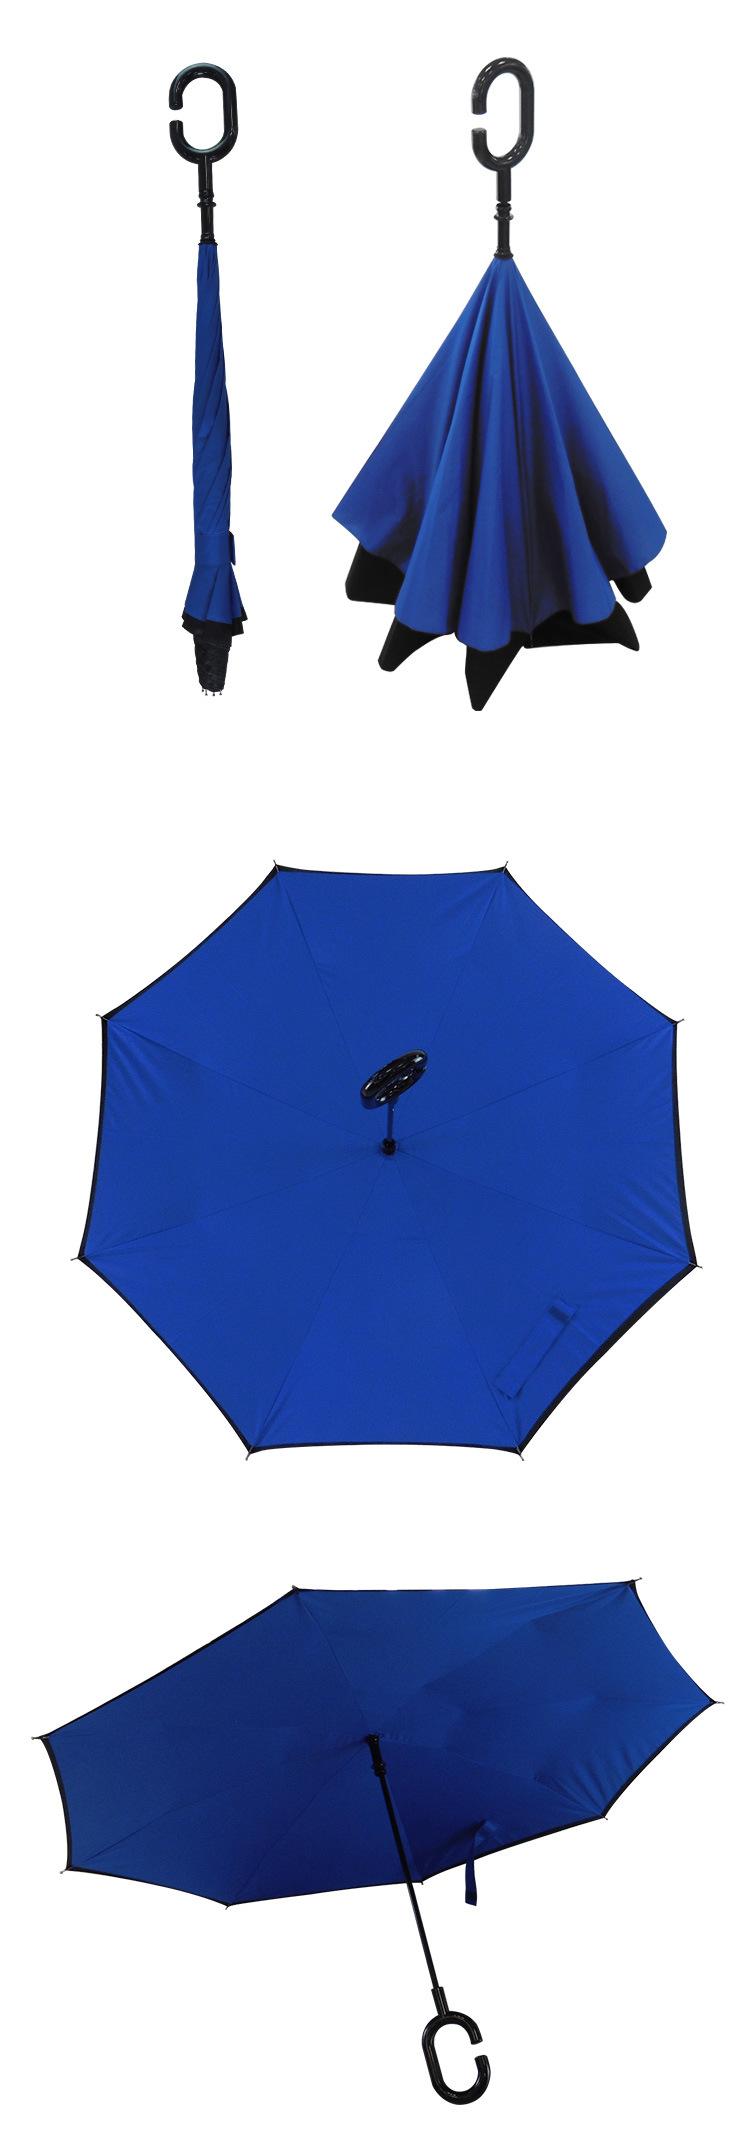 伞 设计 矢量 矢量图 素材 雨伞 750_2140 竖版 竖屏图片